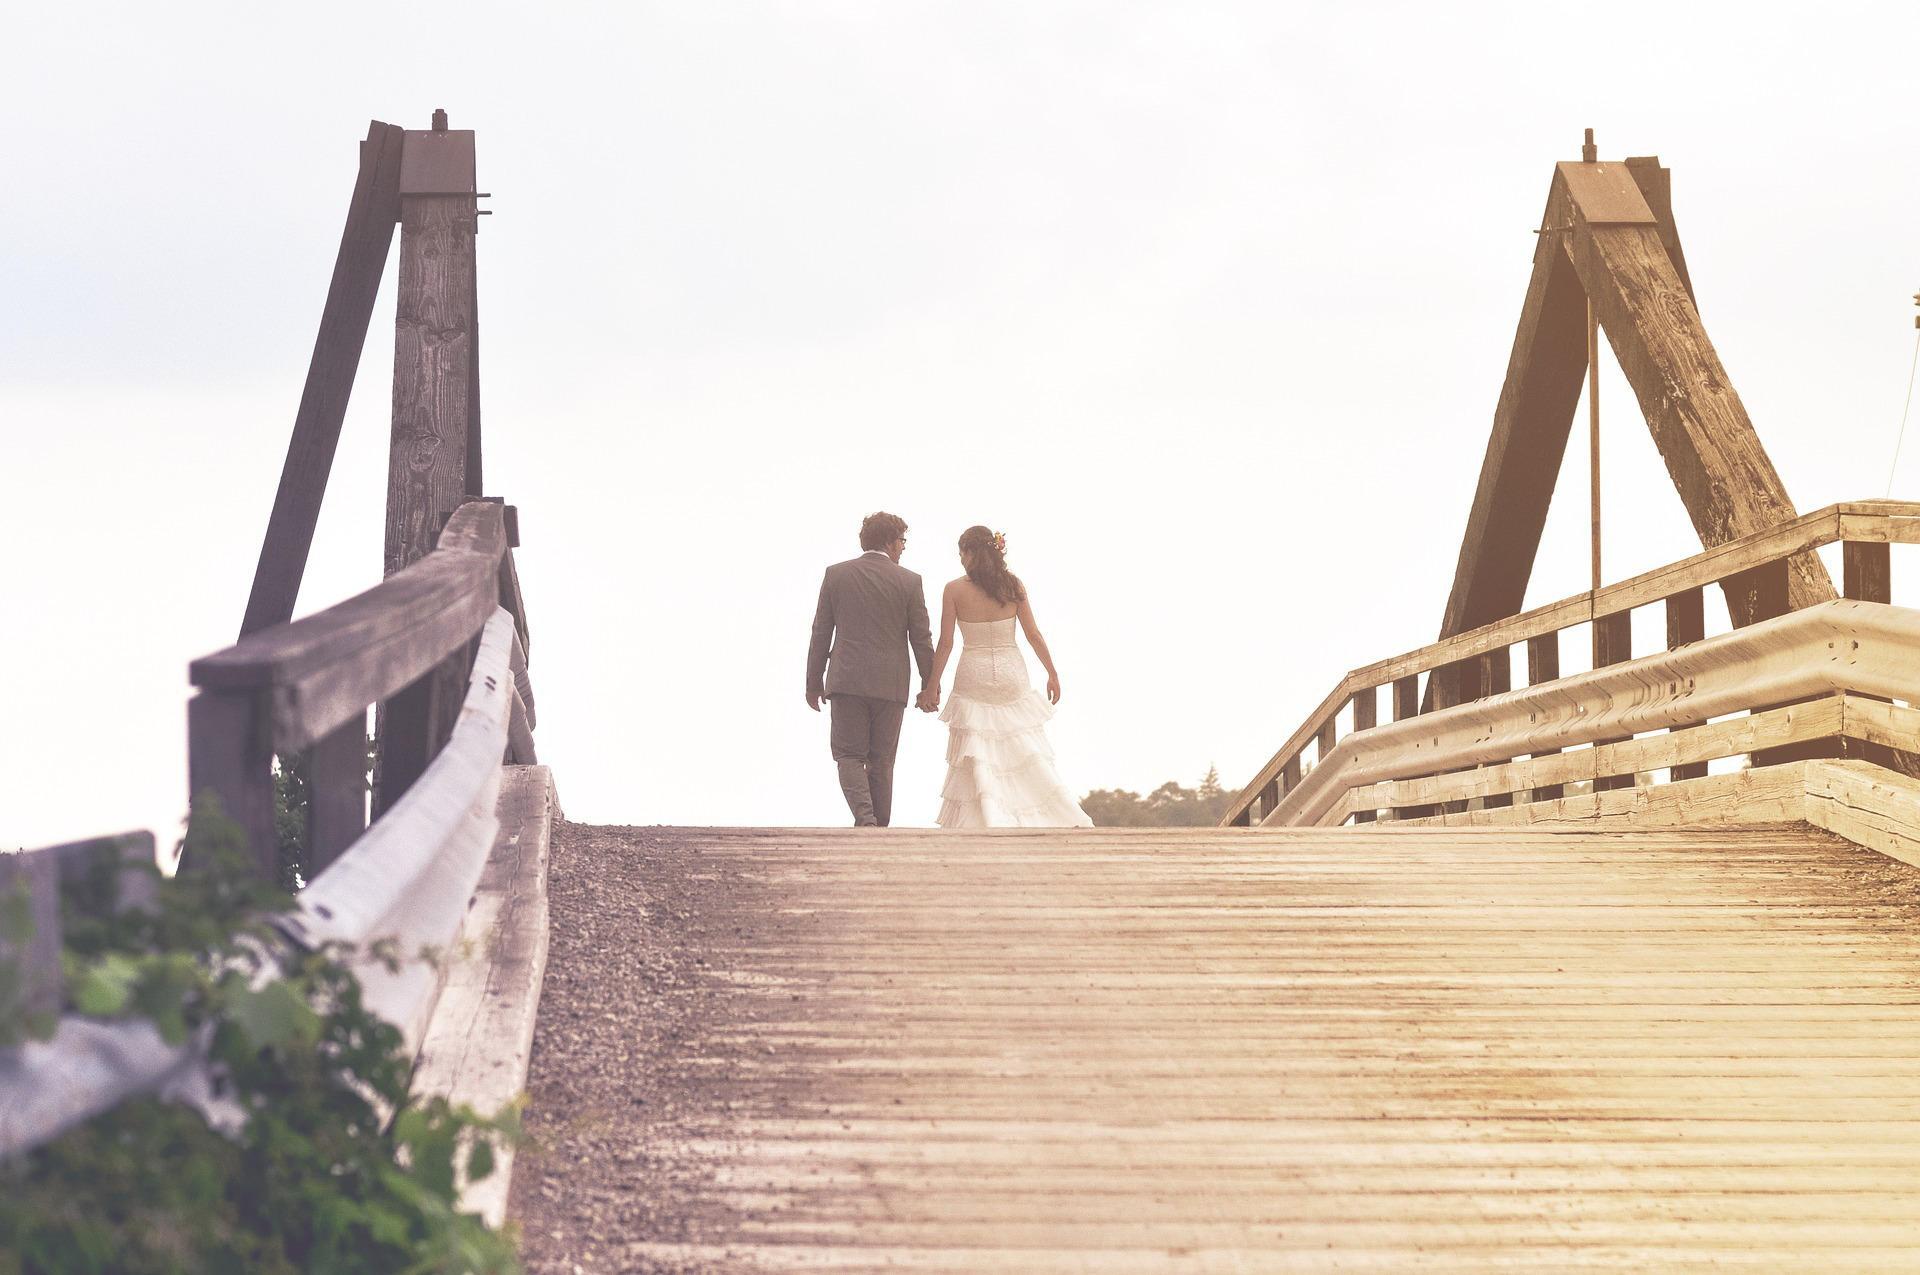 Tại sao người trẻ bây giờ thường hay sợ hãi hôn nhân? Đây chính là lý do - Ảnh 1